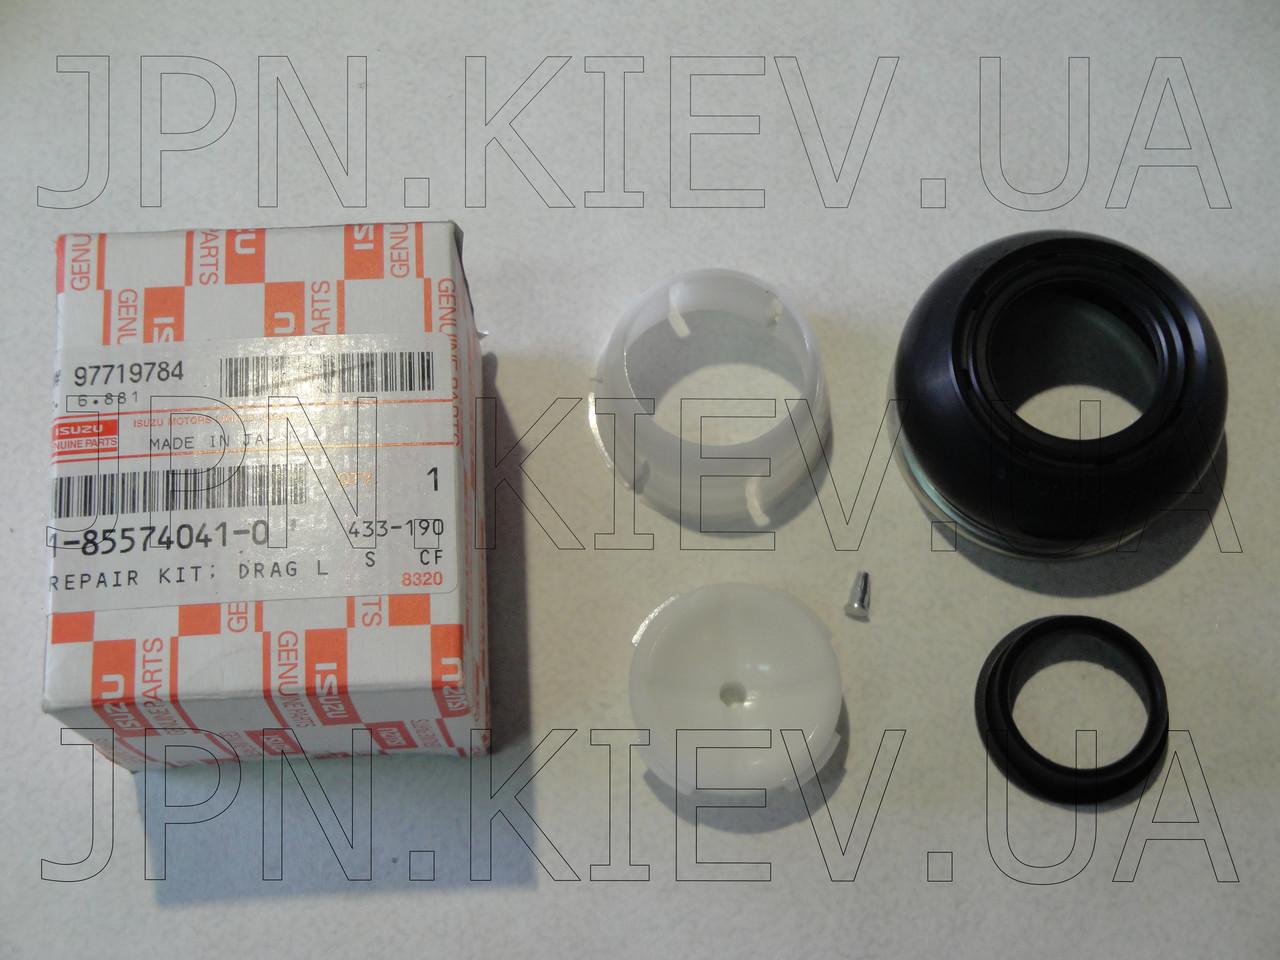 Ремкомплект наконечника продольной рулевой тяги ISUZU 6НЕ1 (1855740410) ISUZU